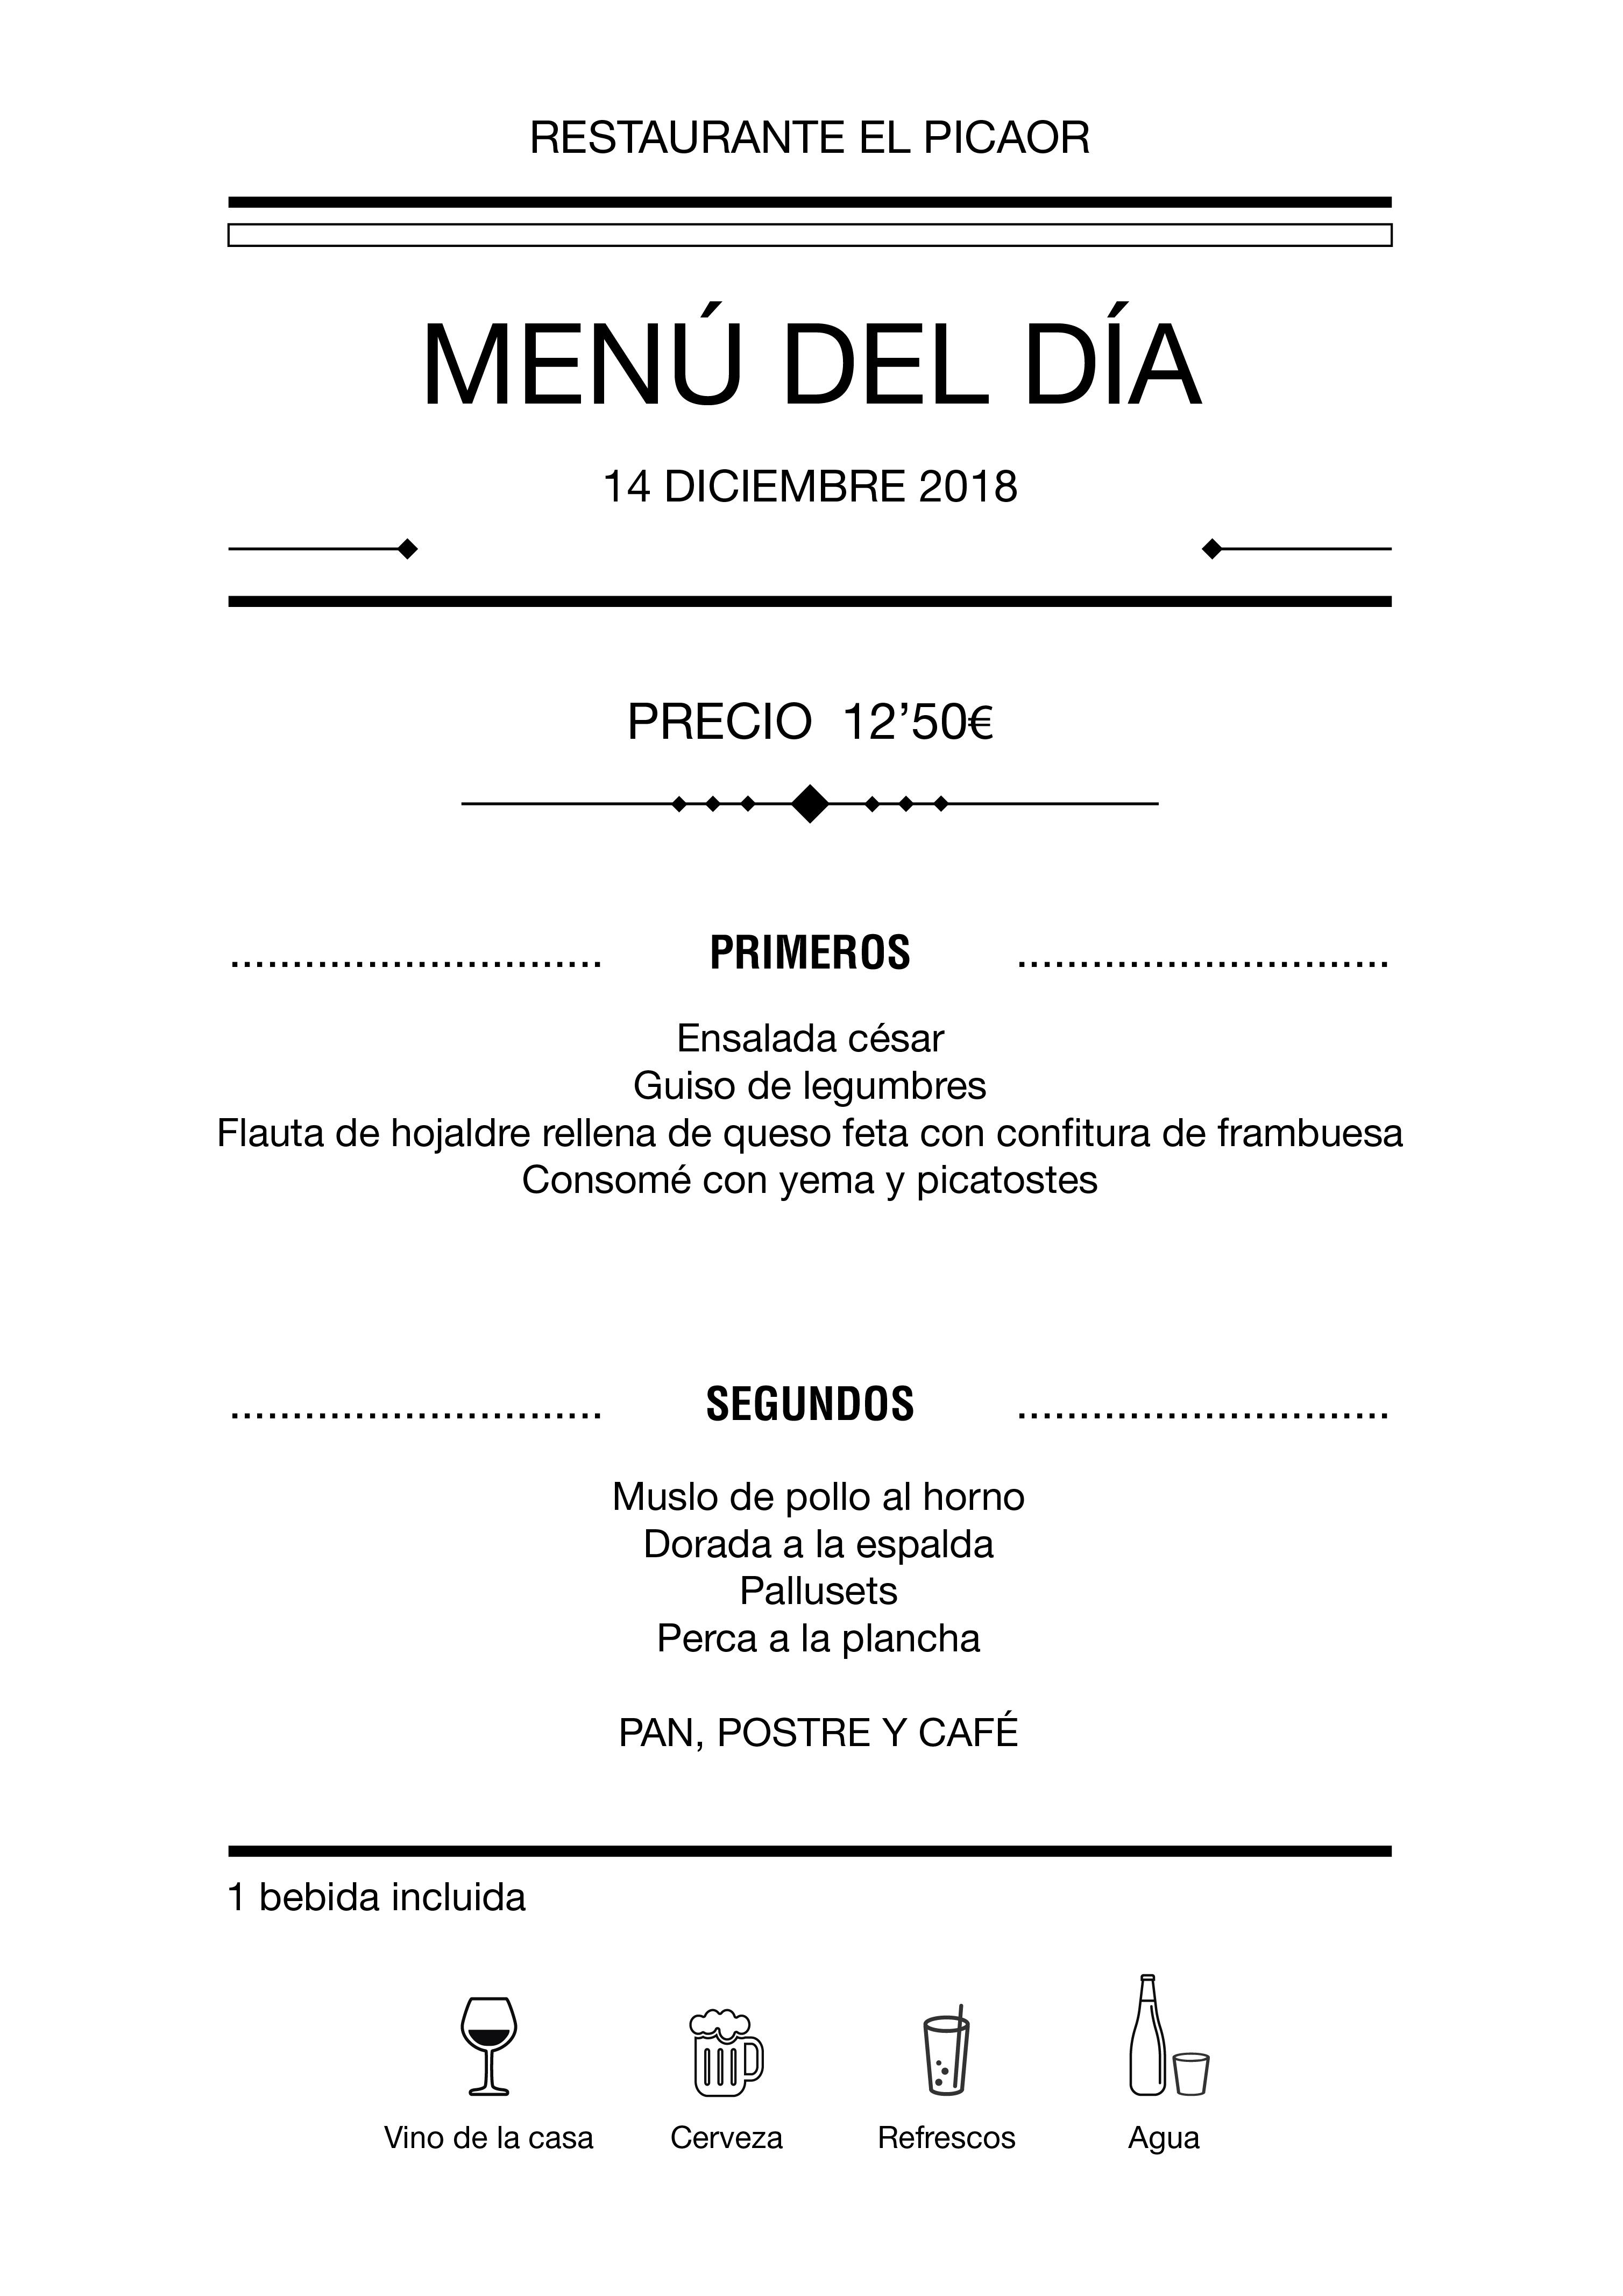 Menú diario El Picaor 14/12/18